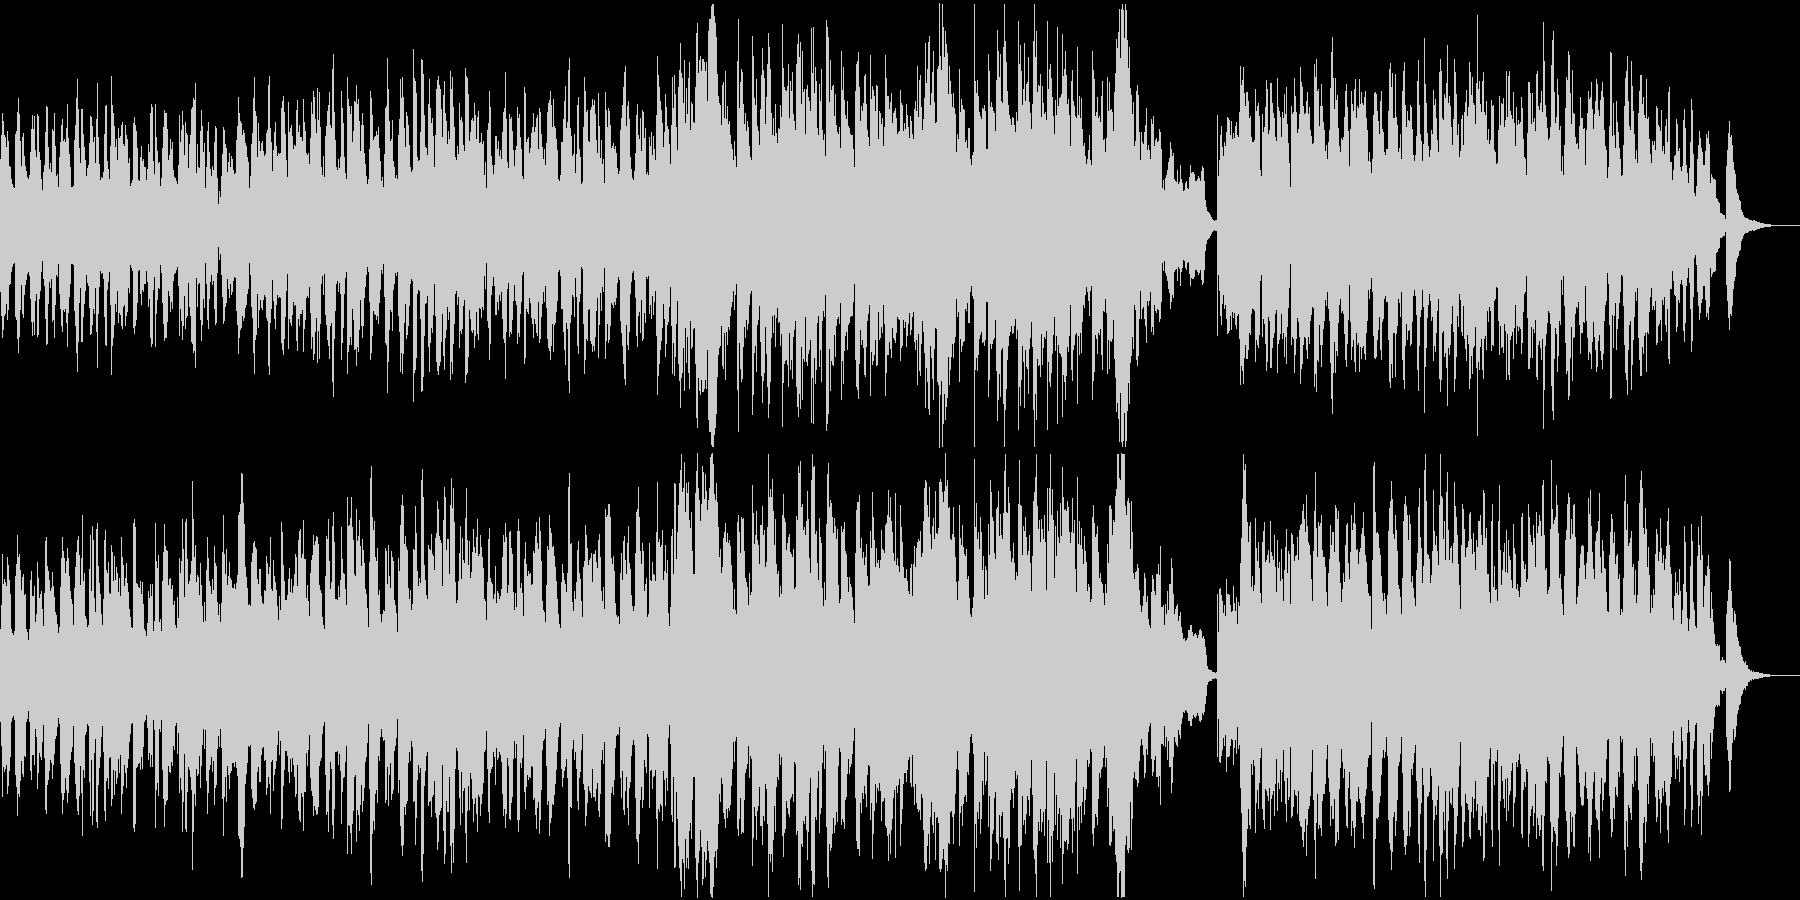 ハロウィンを表現した怪しいオーケストラ曲の未再生の波形